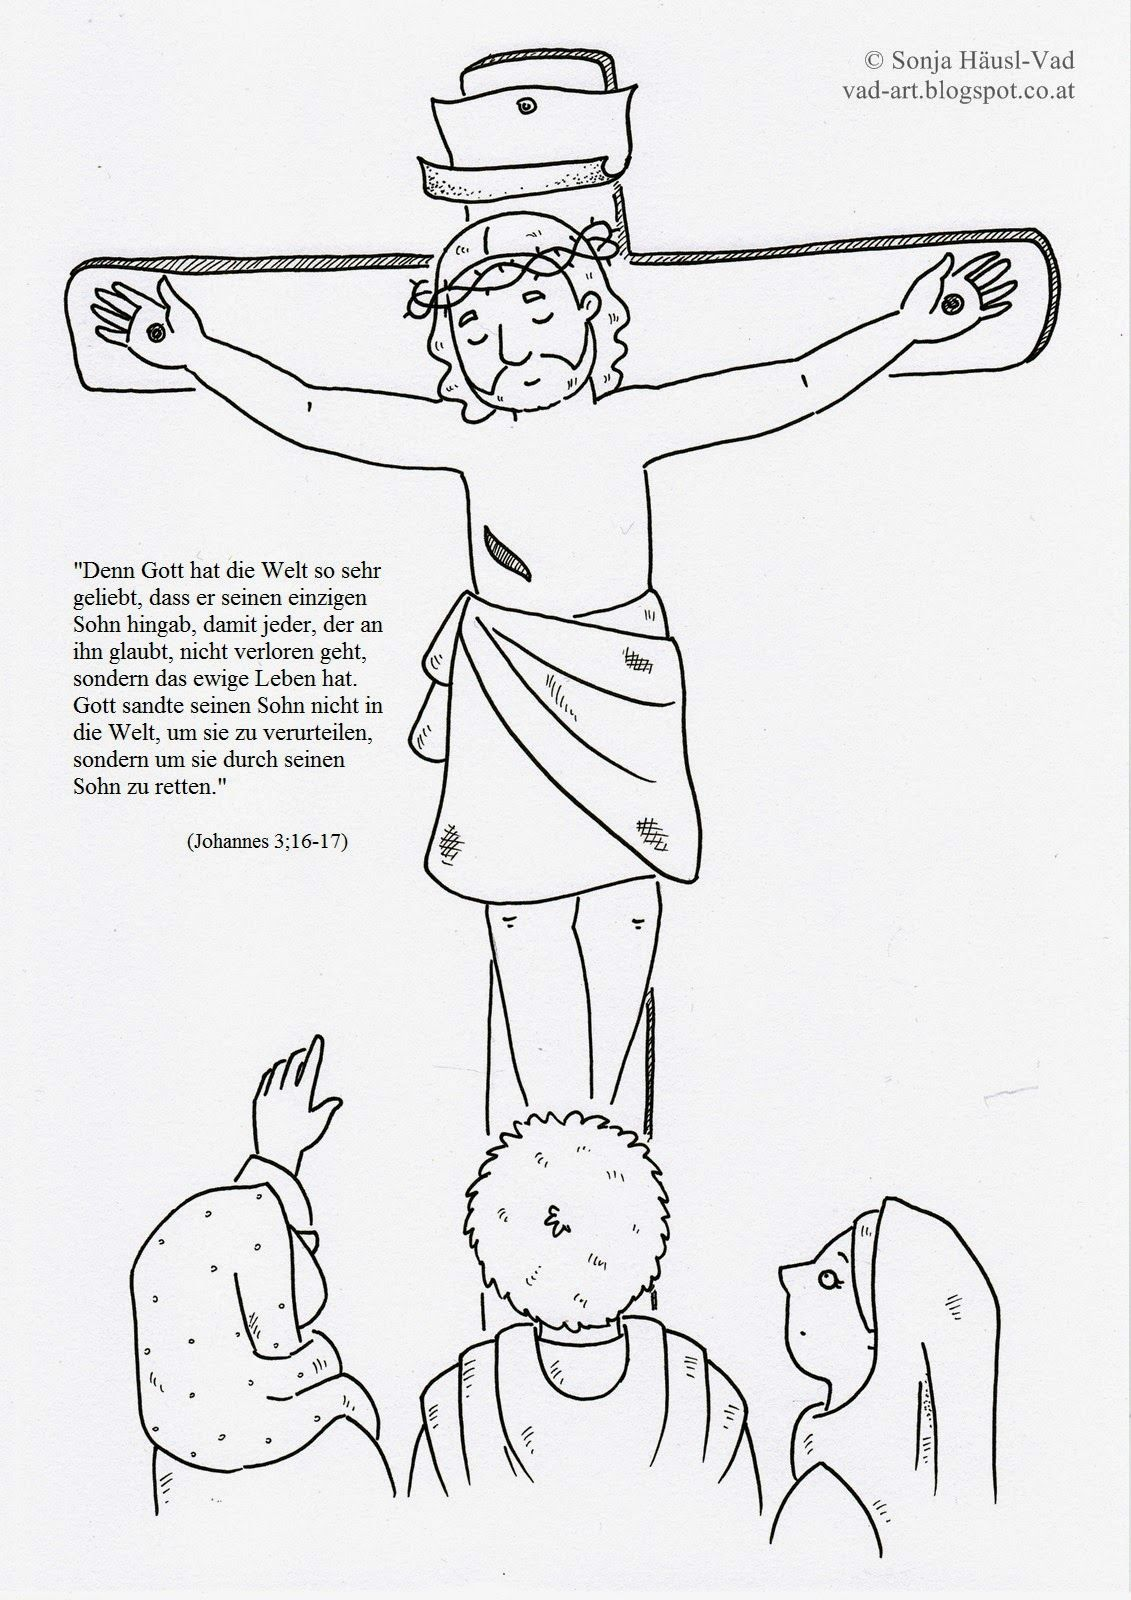 Ausmalbilder zur Bibel | Ausmalbilder | Pinterest | die Bibel ...